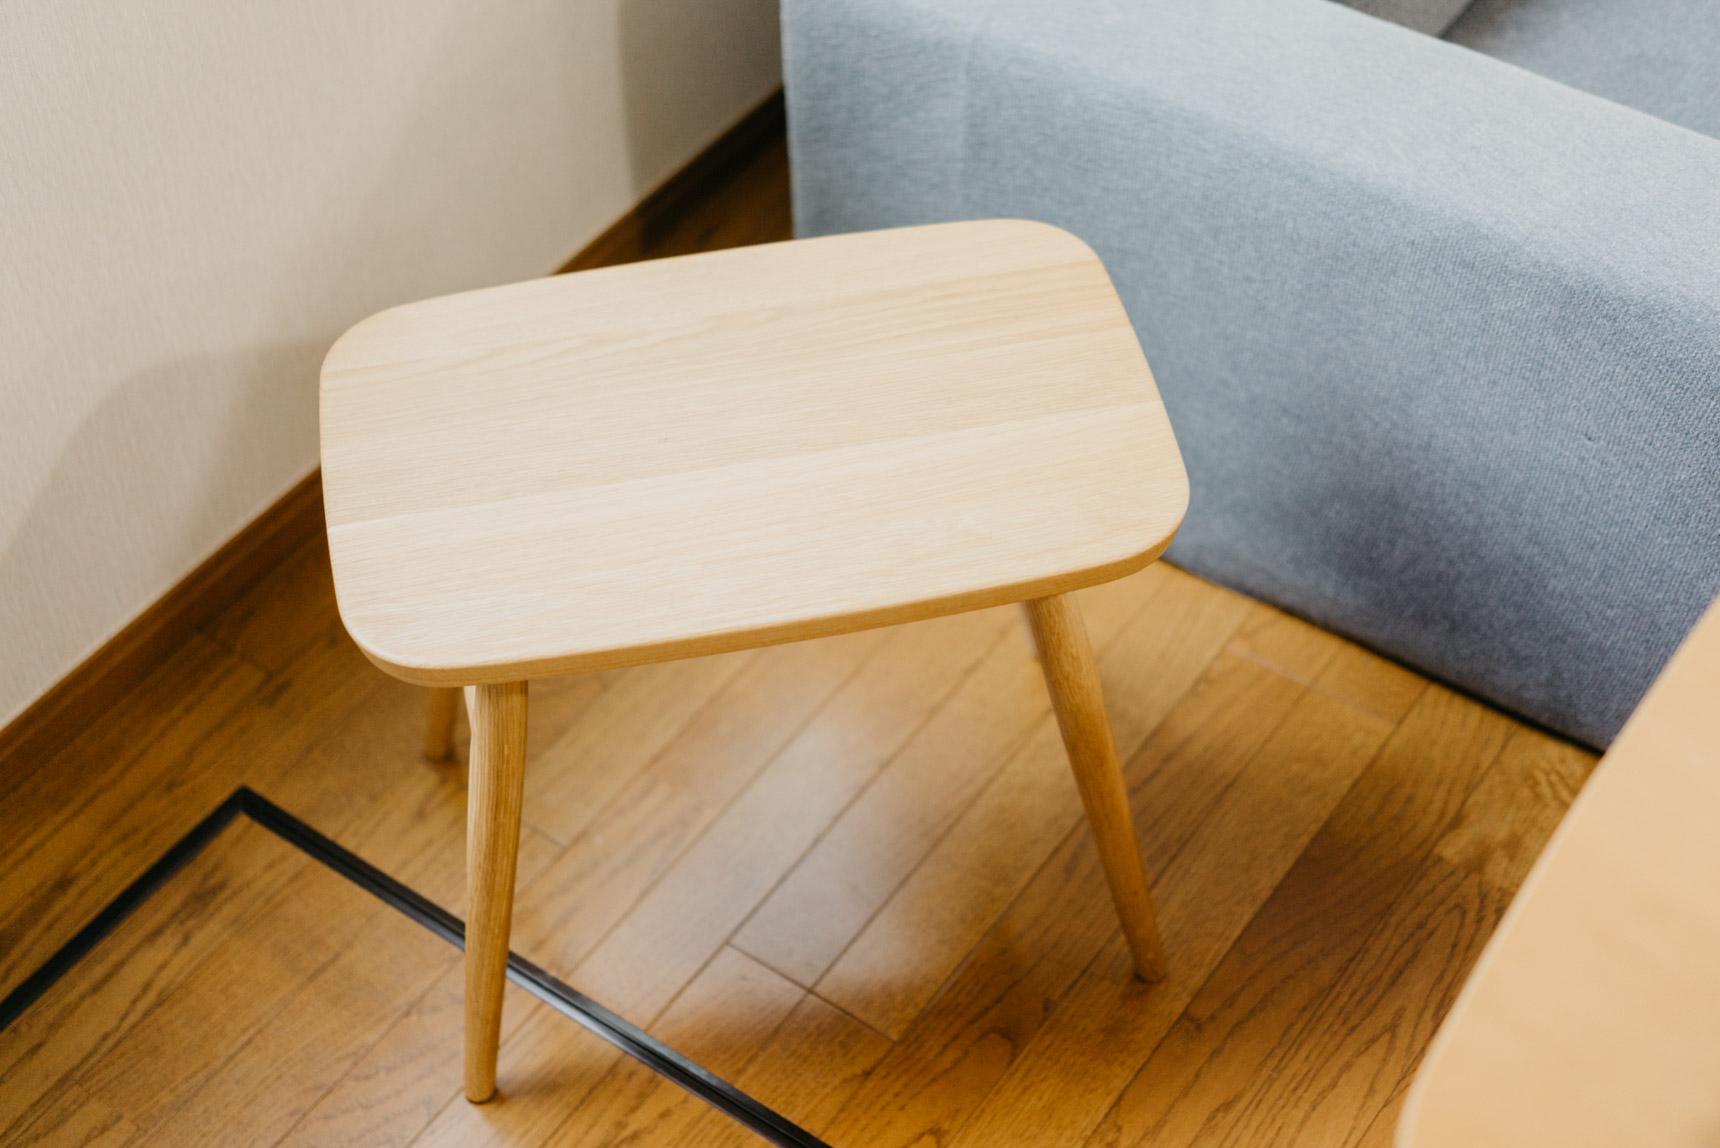 フラットな横長の座面、コーヒーカップや雑誌を置いても余裕がありそうで、これは便利ですね!